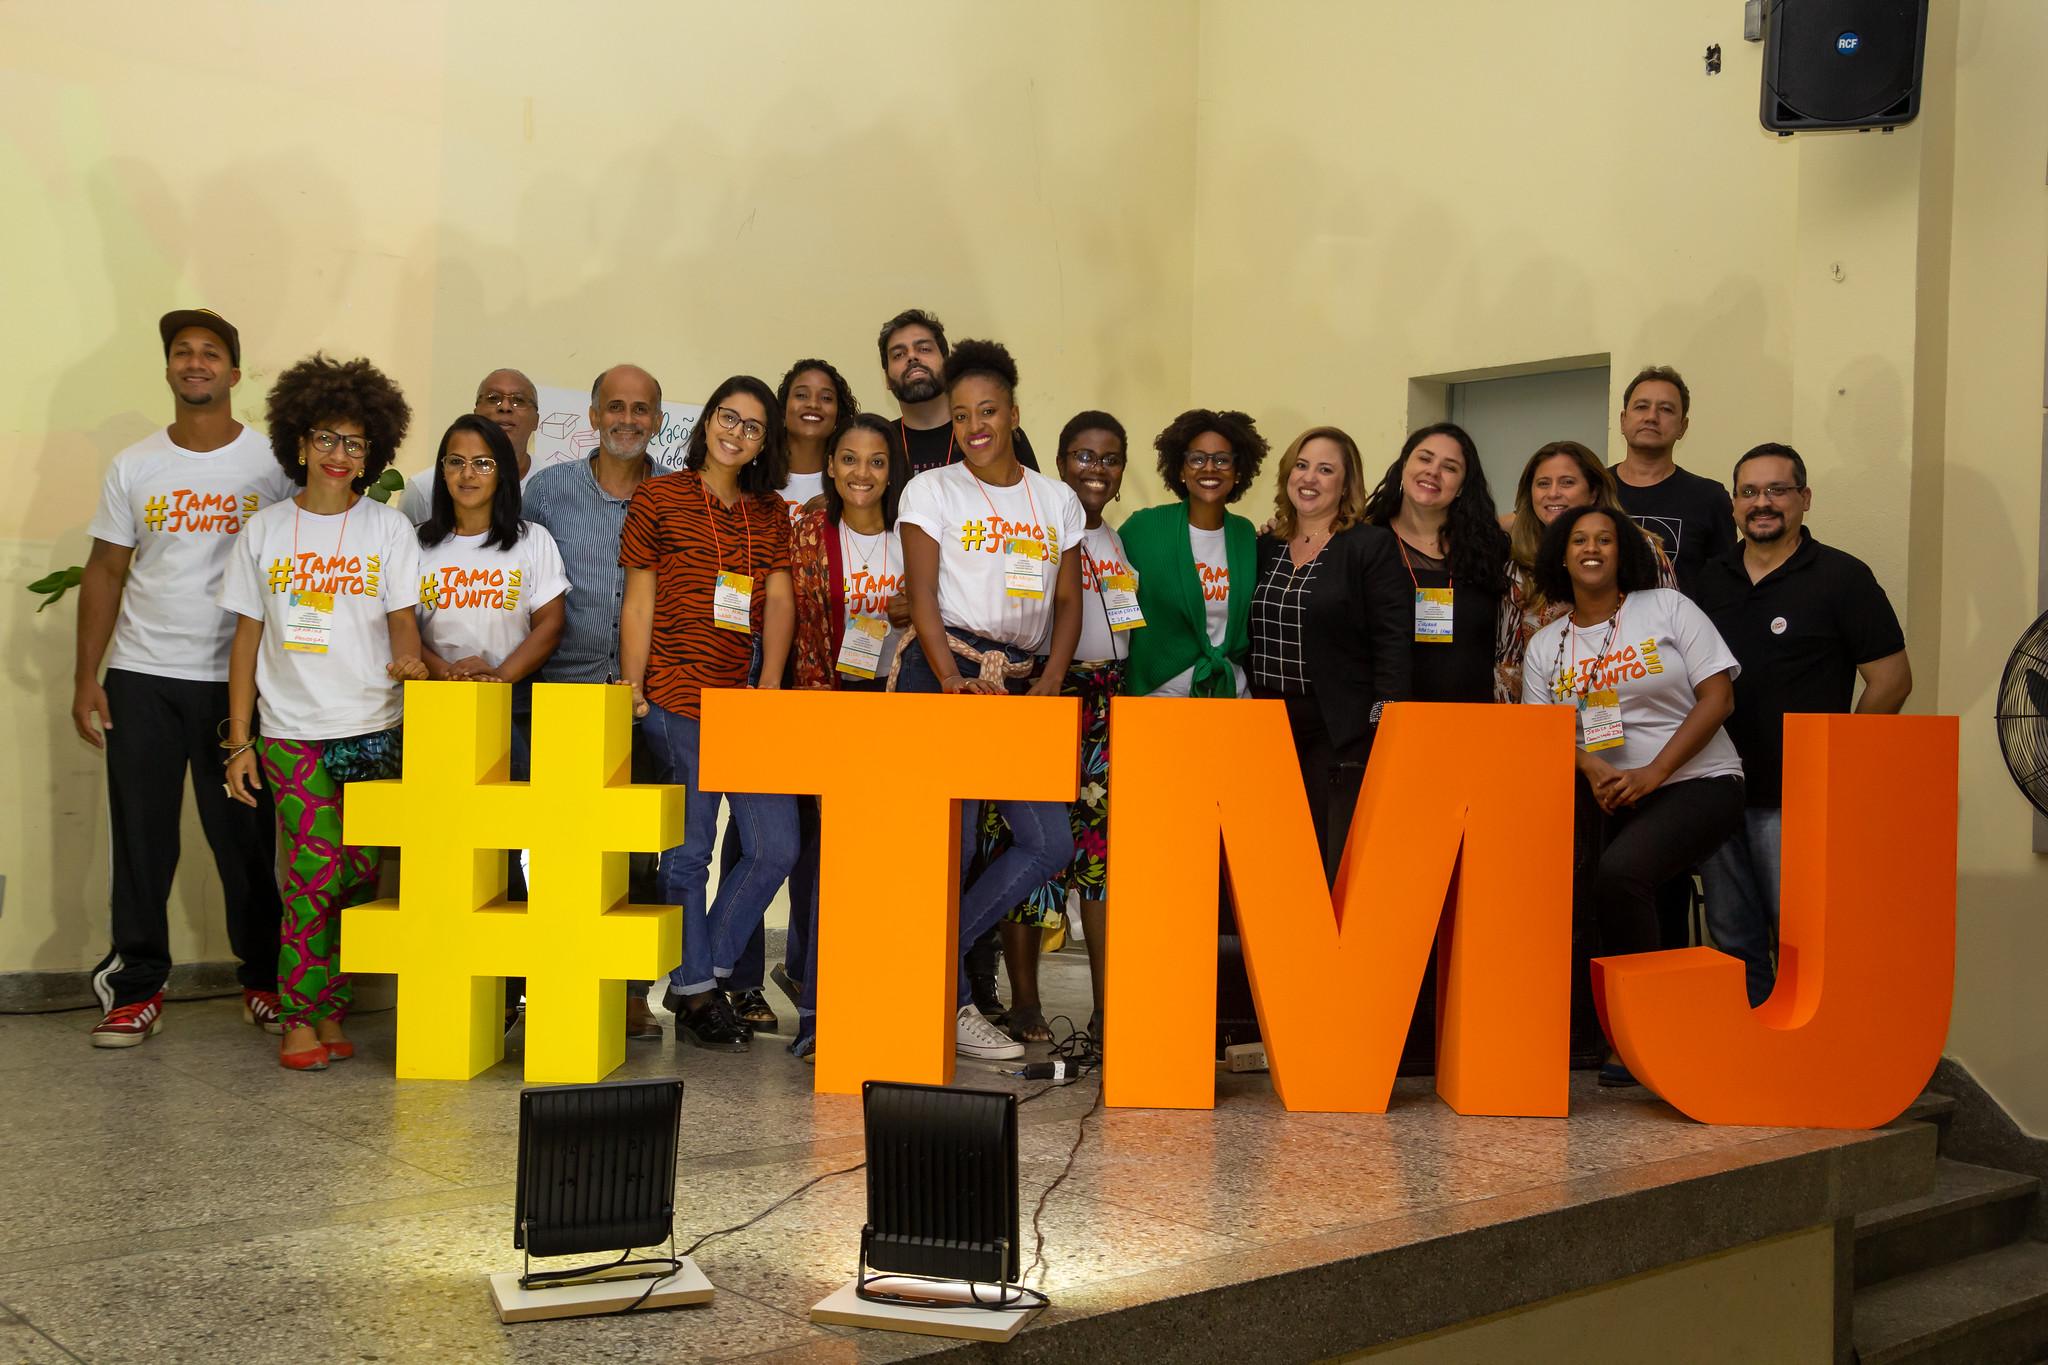 Paiol Cultural apresenta vídeo participativo em seminário do #TamoJunto9ºano